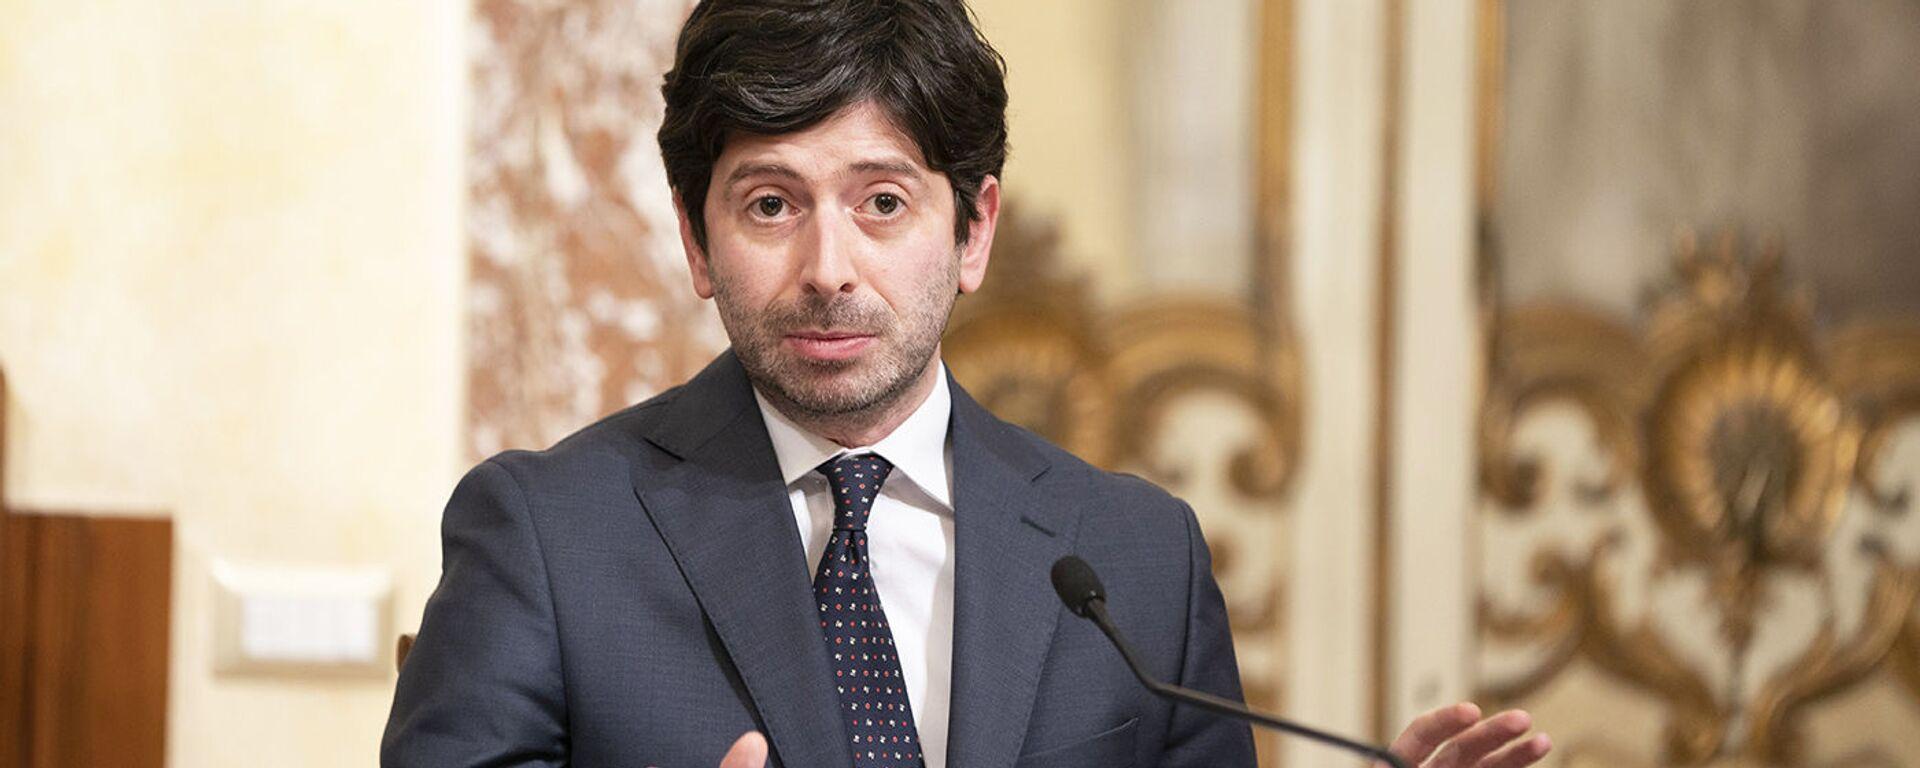 Ministro della Salute Roberto Speranza - Sputnik Italia, 1920, 20.03.2021